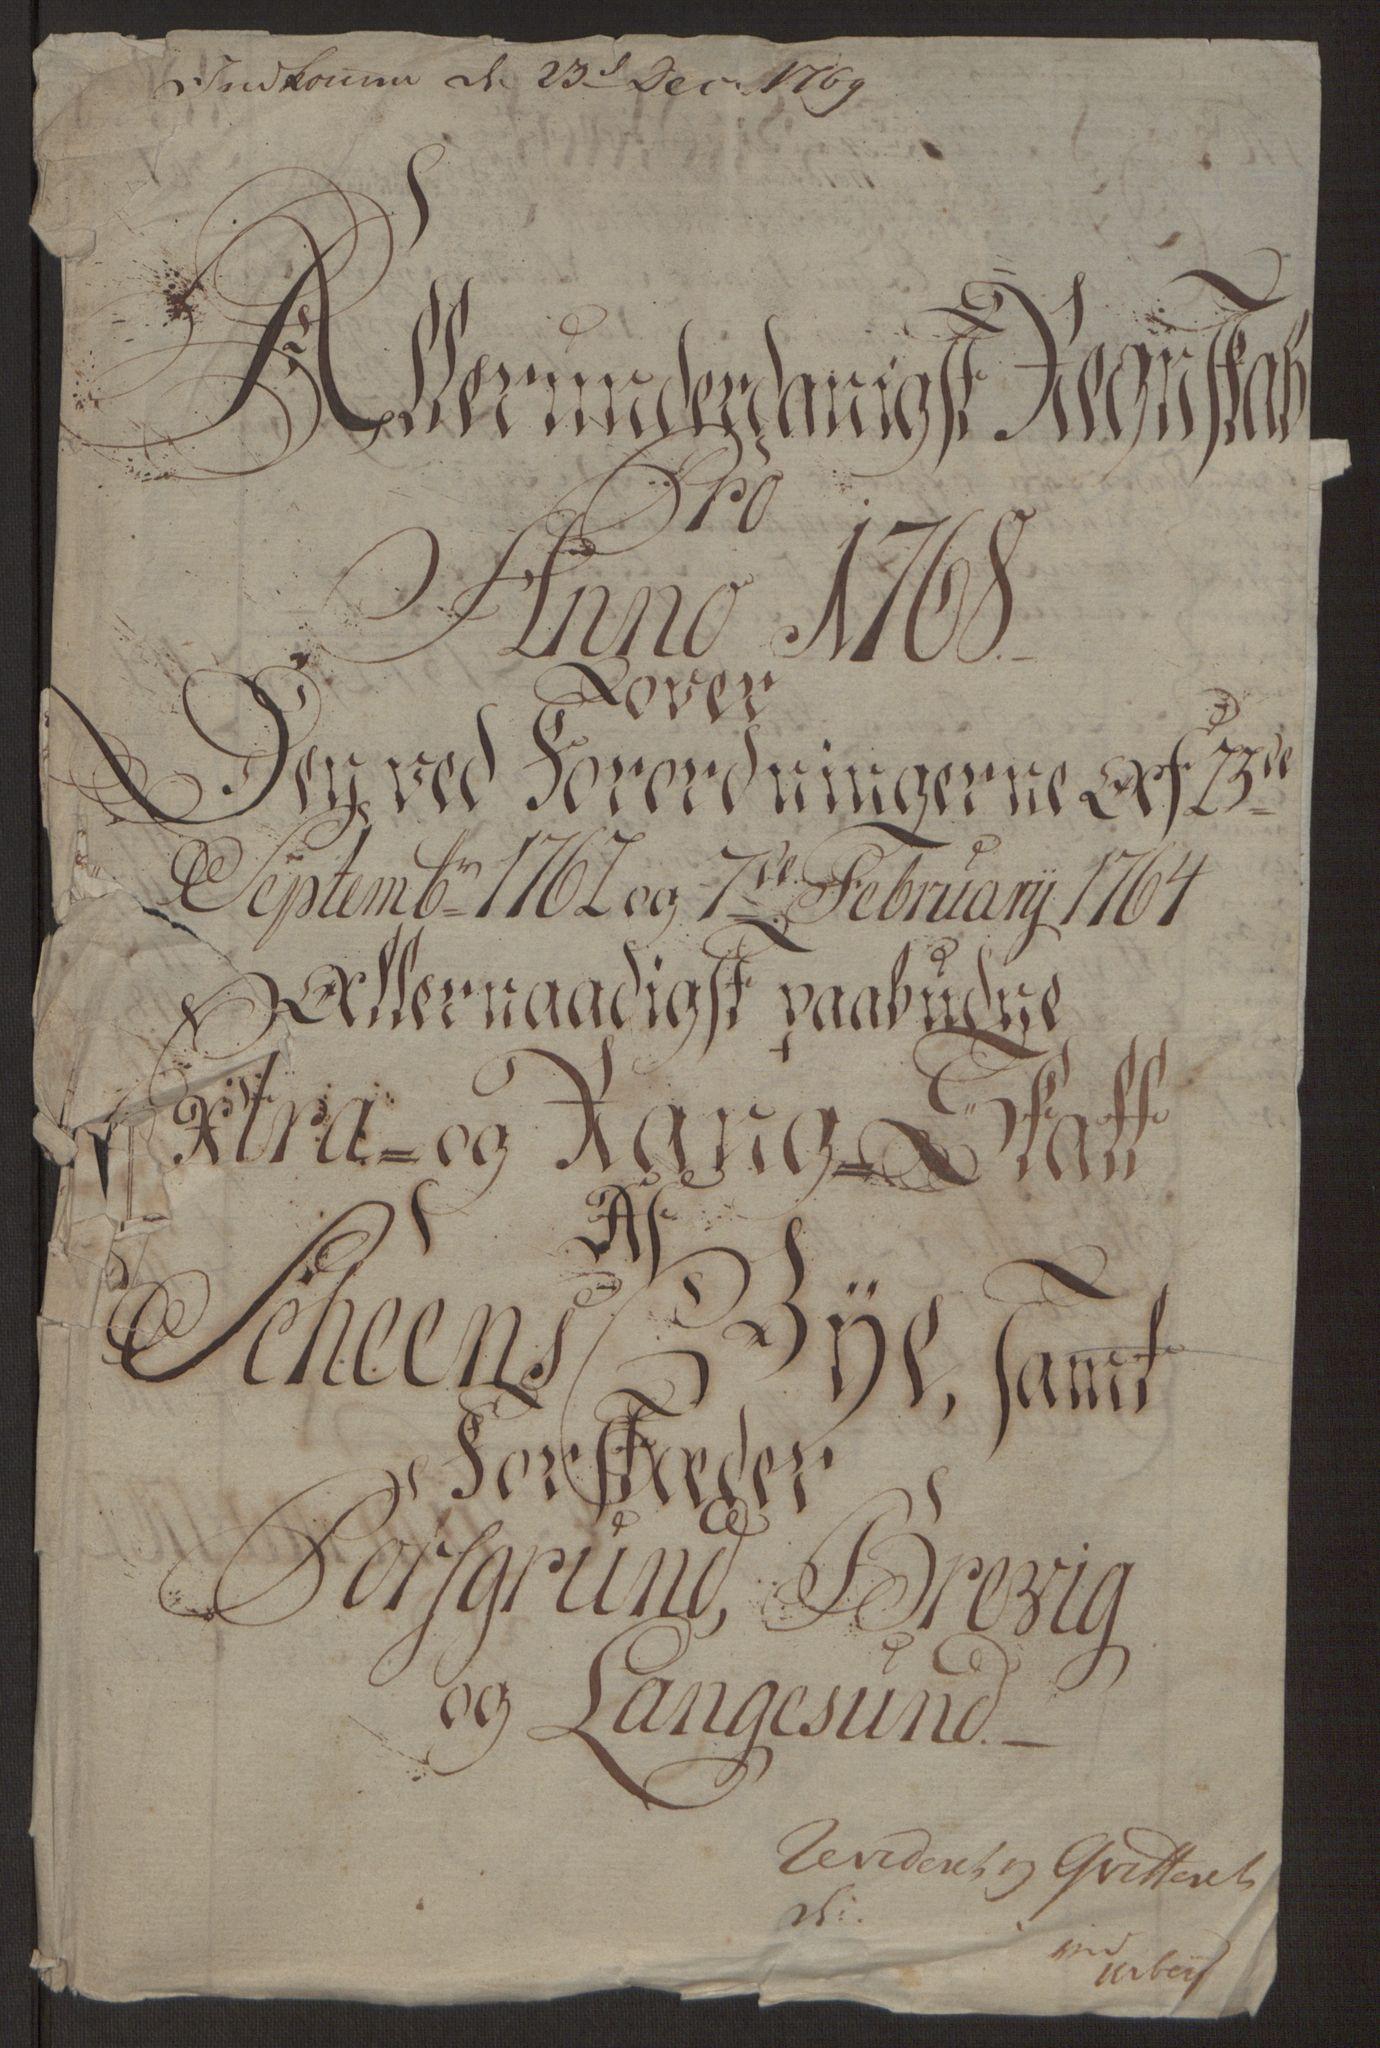 RA, Rentekammeret inntil 1814, Reviderte regnskaper, Byregnskaper, R/Rj/L0198: [J4] Kontribusjonsregnskap, 1762-1768, s. 471